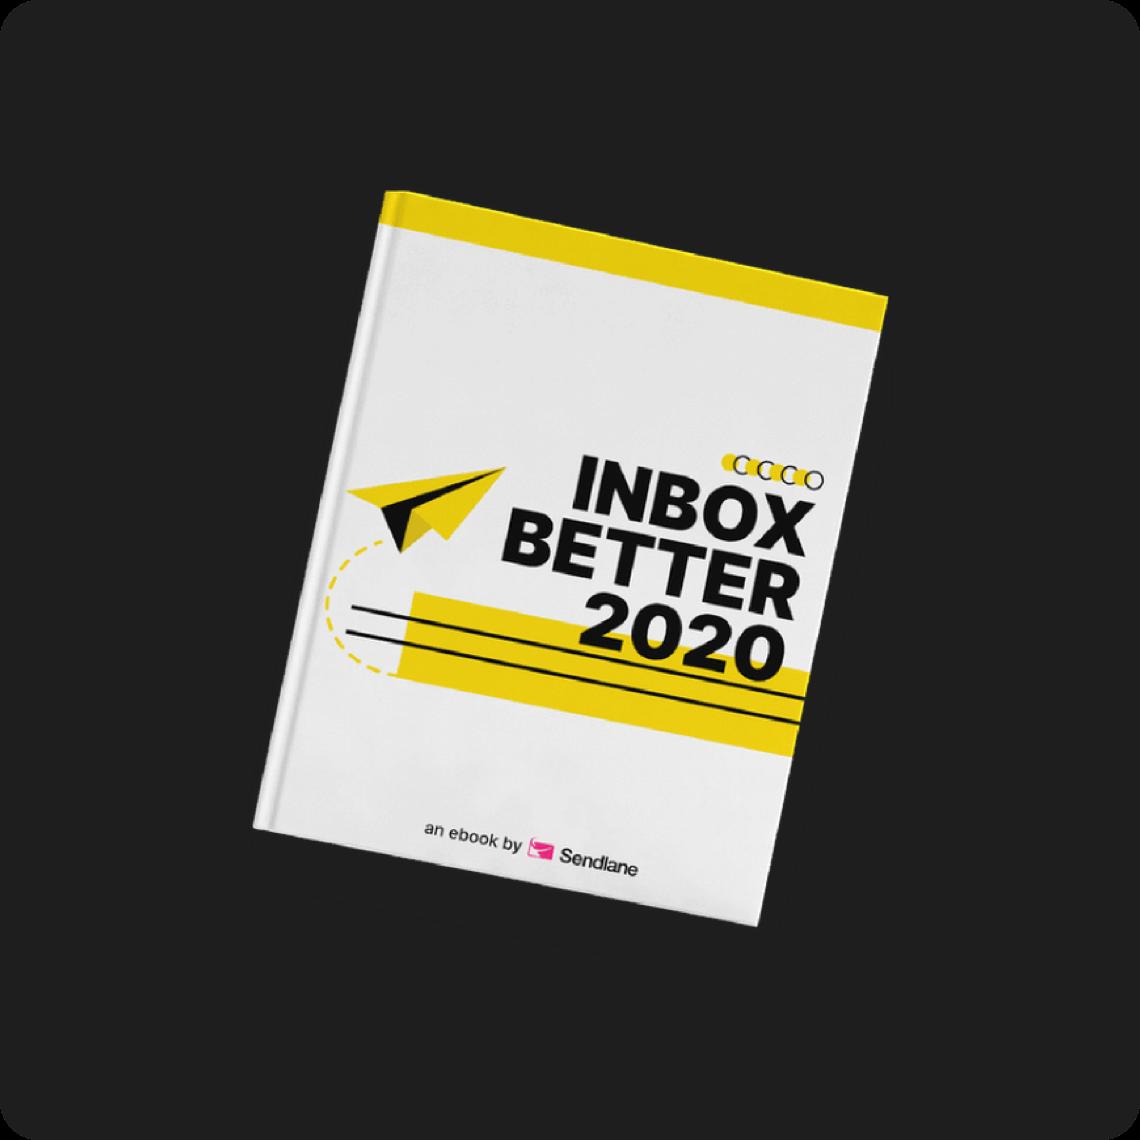 Inbox Better 2020 Edition